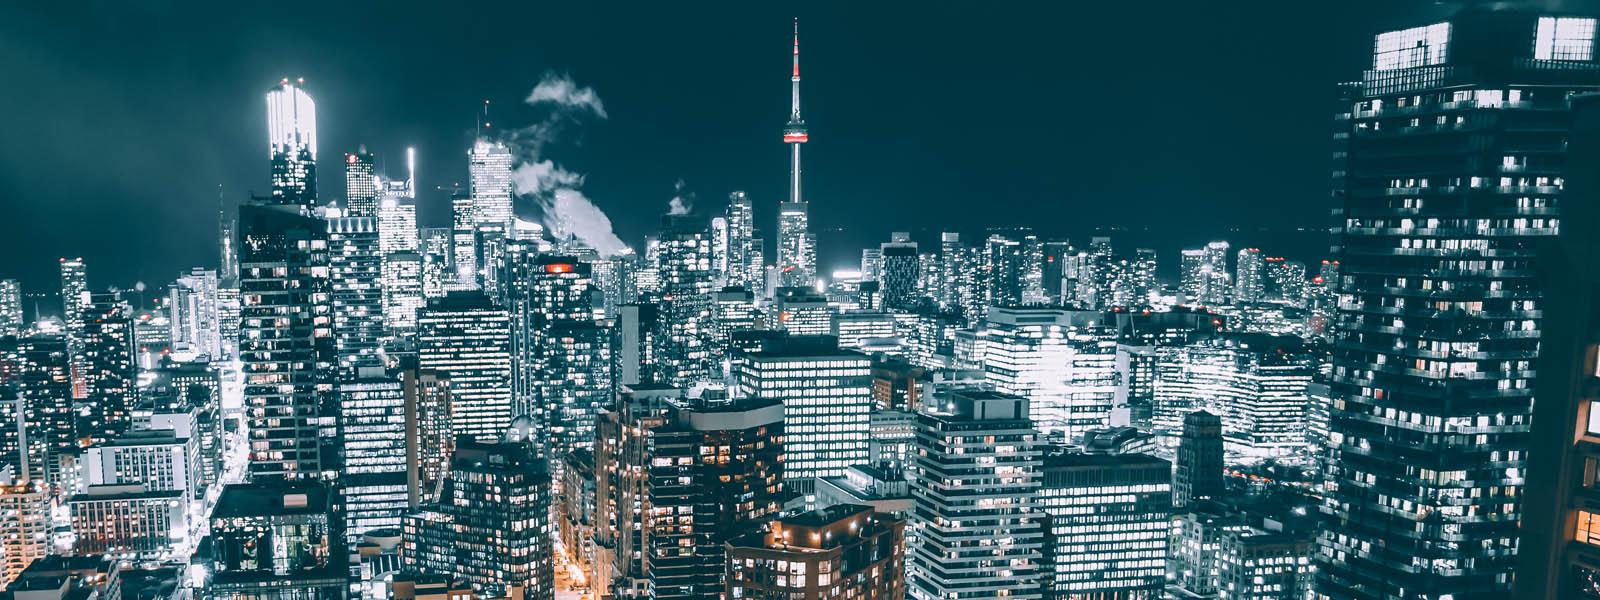 Luftaufnahme von der Metropole Toronto bei Nacht